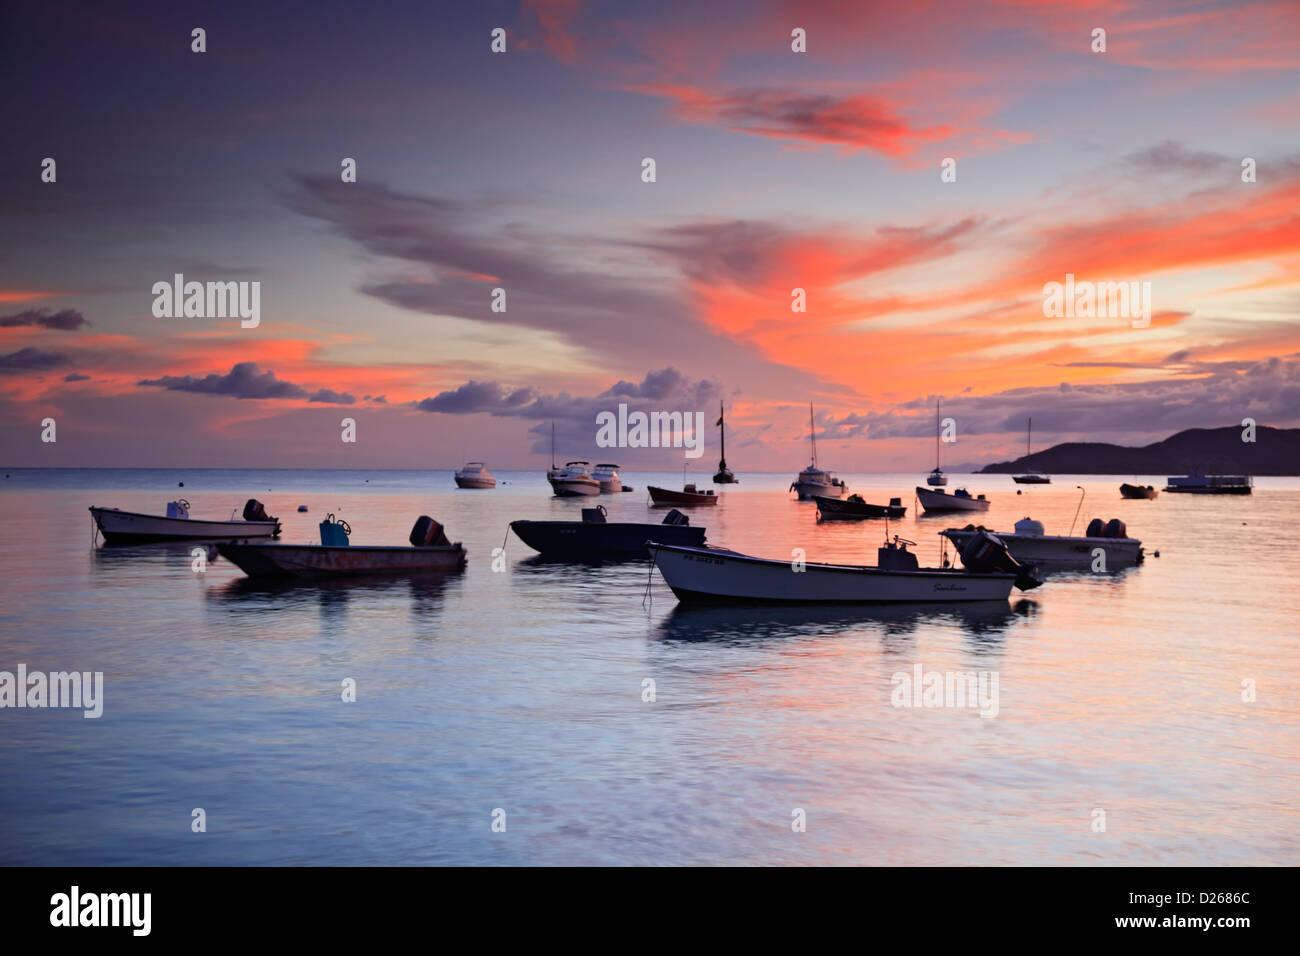 Barche da pesca al tramonto, Esperanza, vieques, puerto rico Immagini Stock